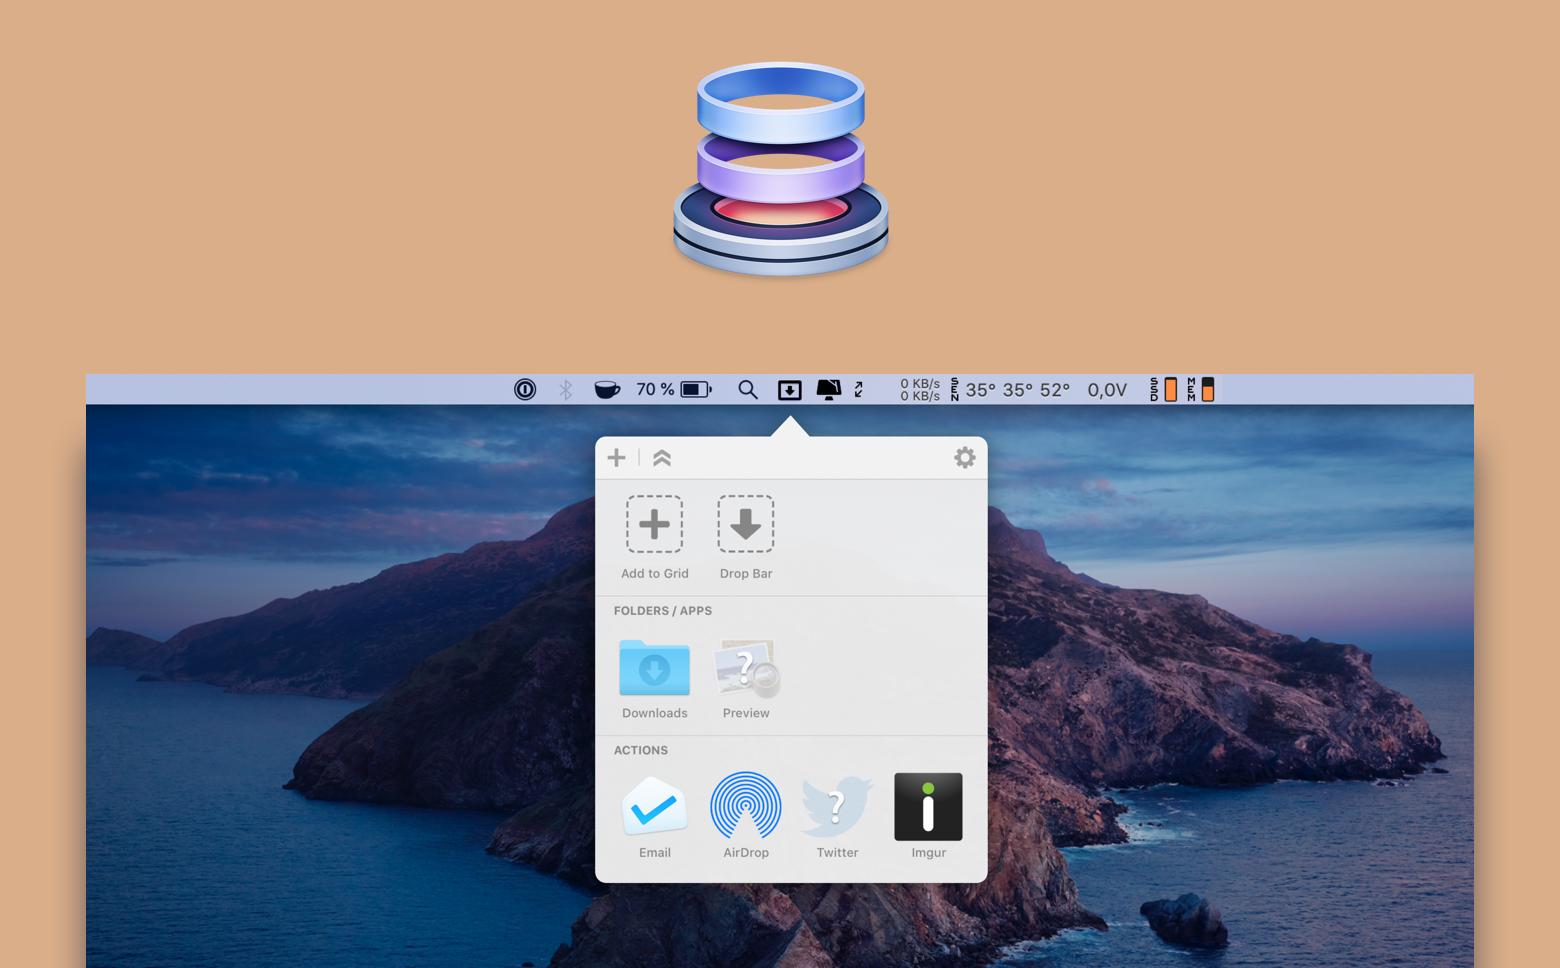 Dropzone : La meilleure interface de glisser-déposer pour simplifier vos tâches quotidiennes